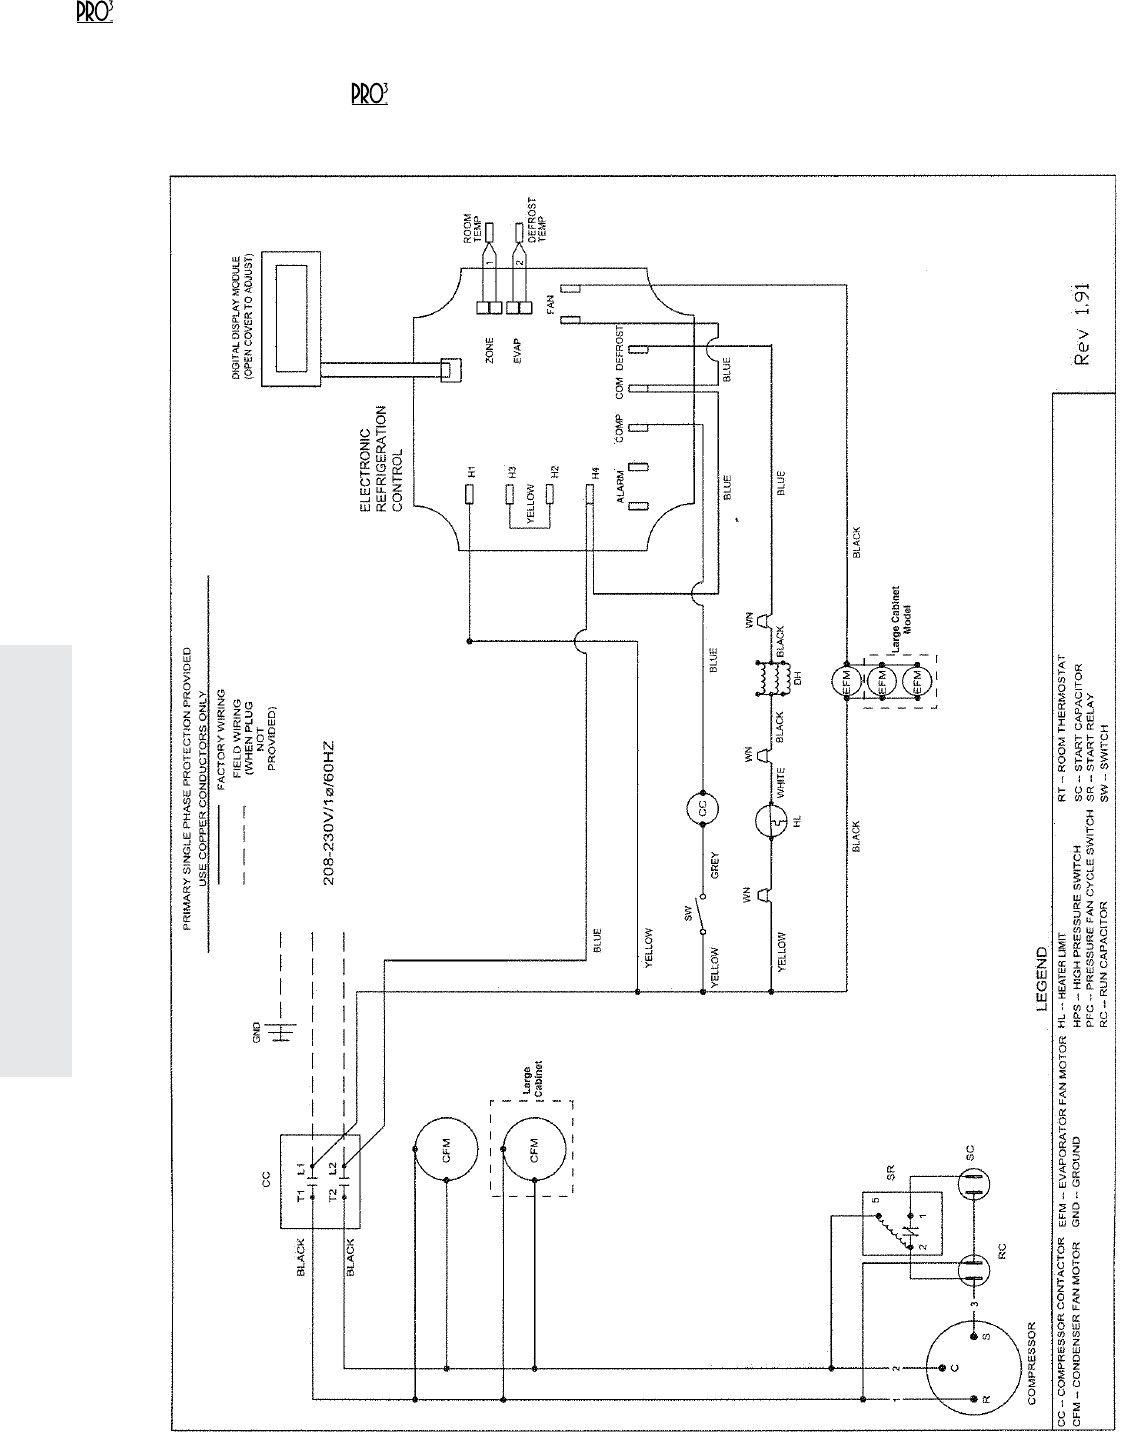 small resolution of heatcraft evaporator wiring diagram 220 library of wiring diagram in heatcraft evaporator wiring diagram